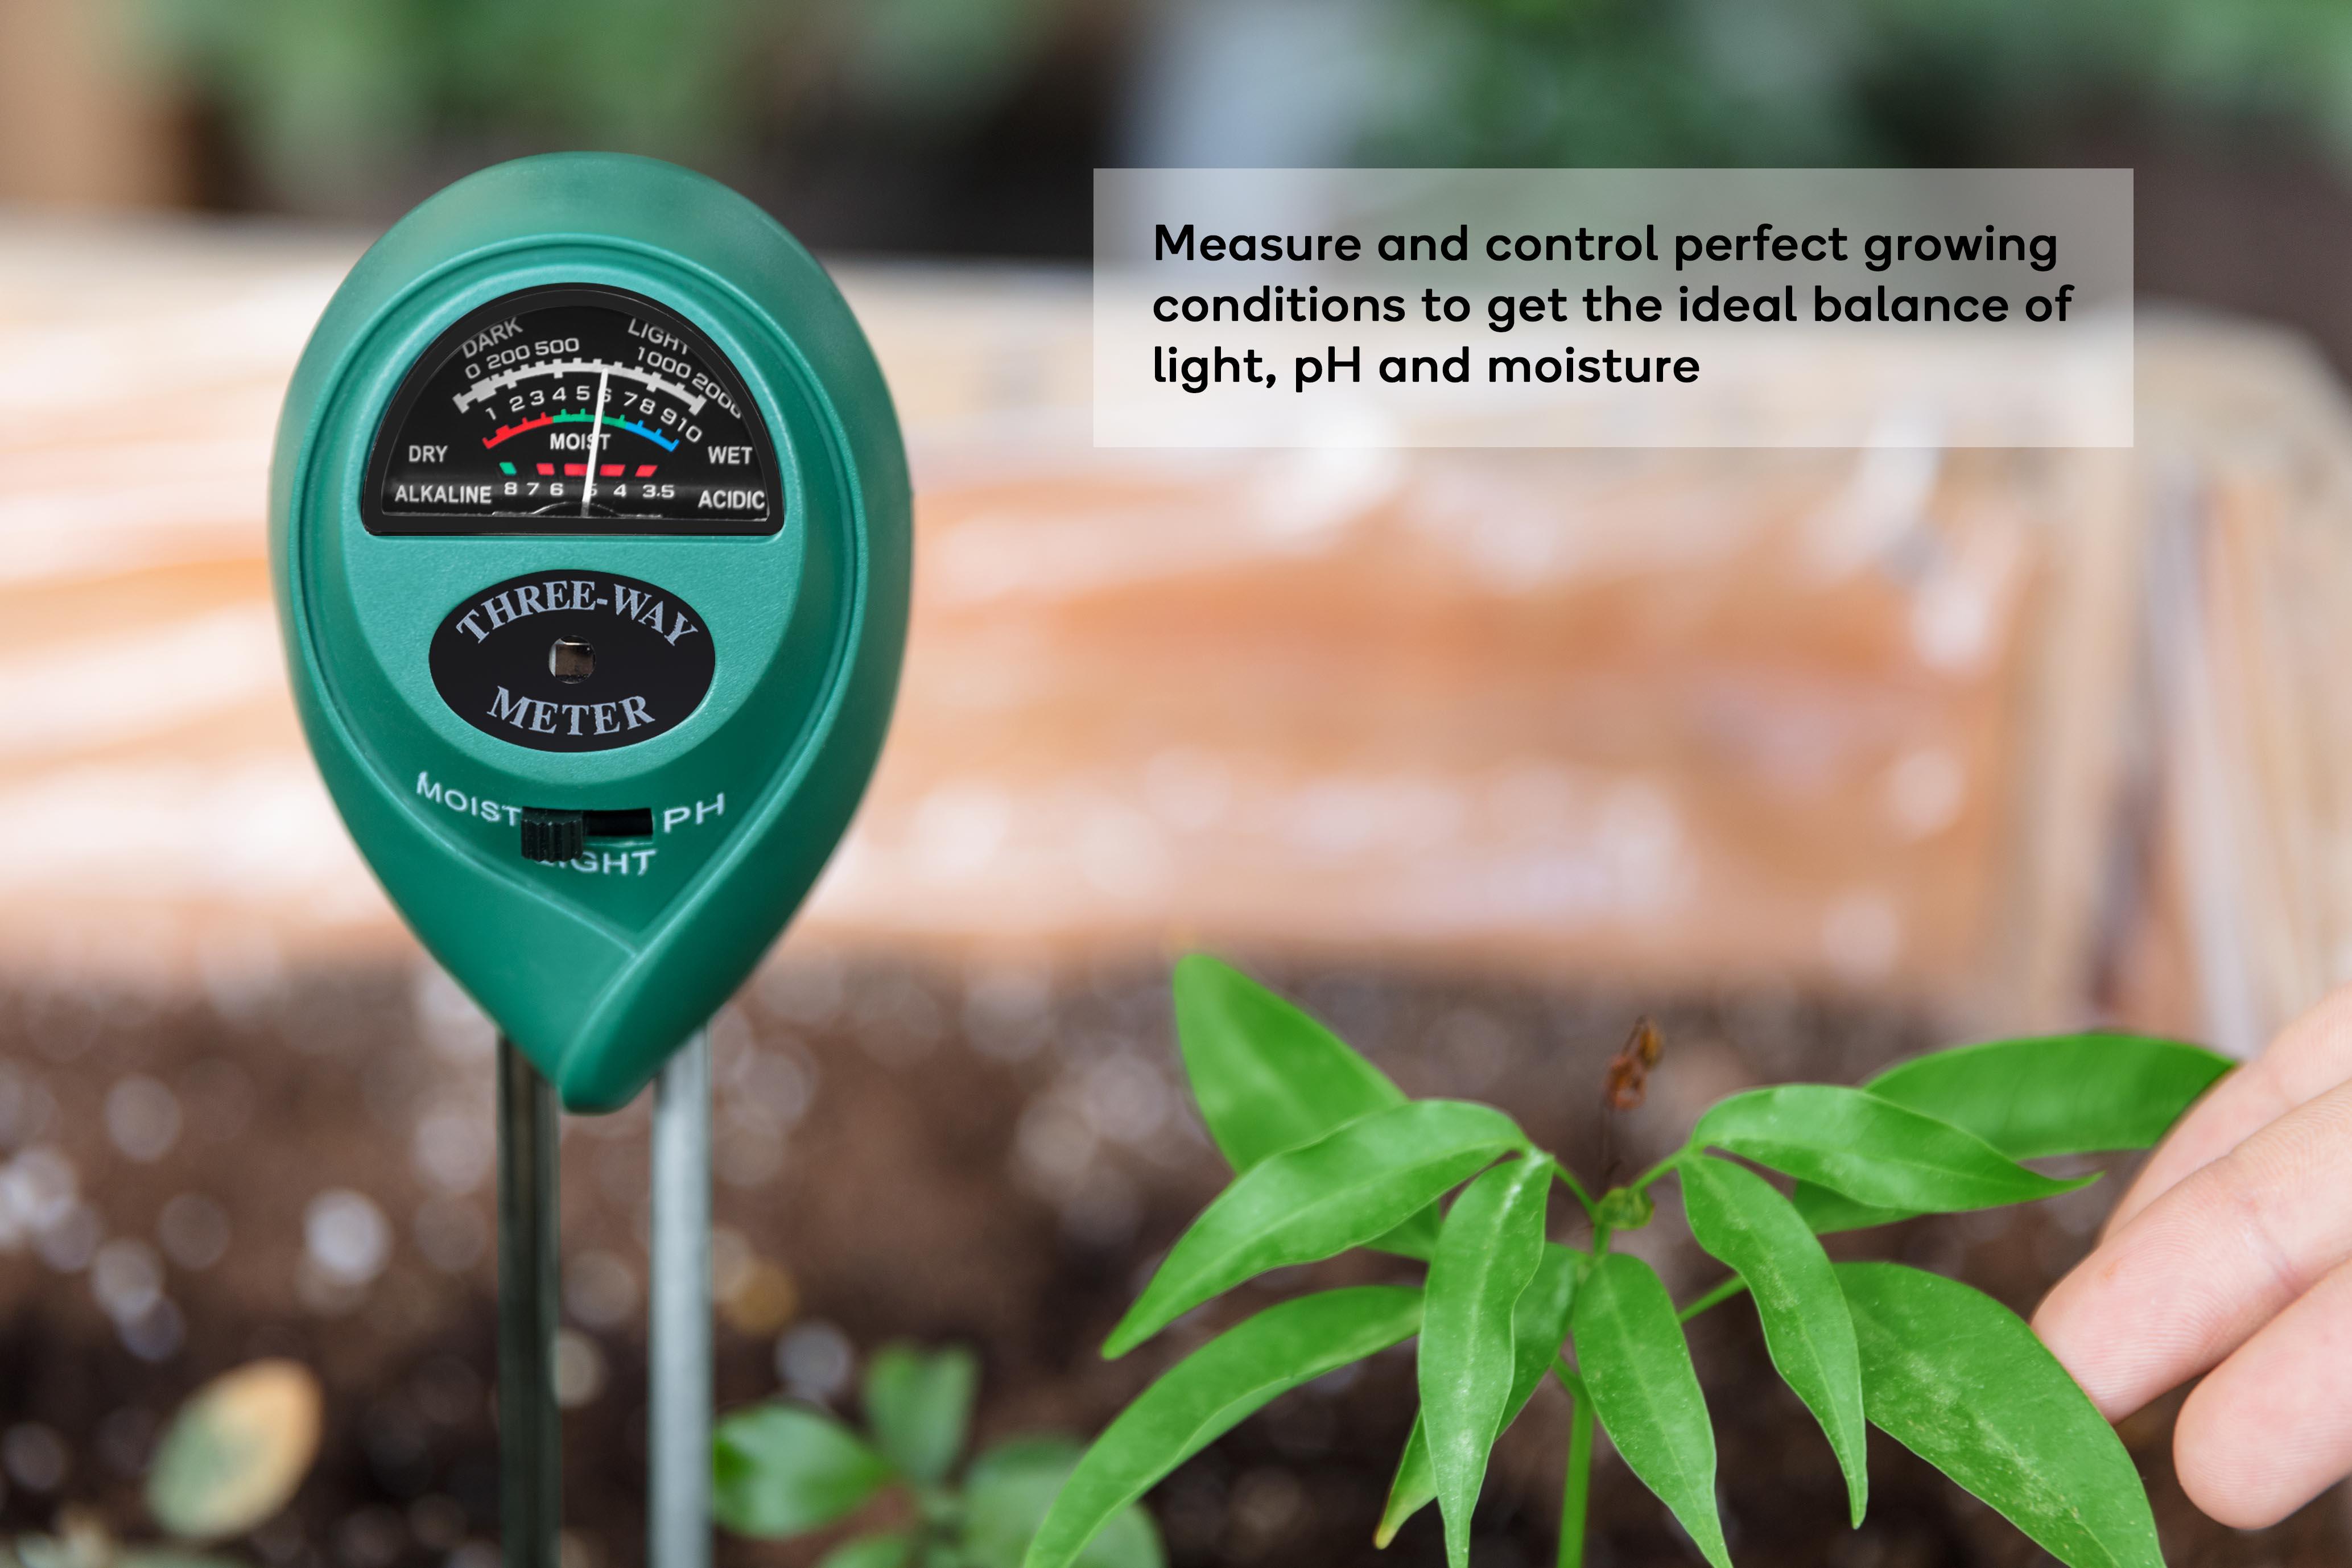 Certa 3 in 1 Soil pH, Moisture and Light Tester